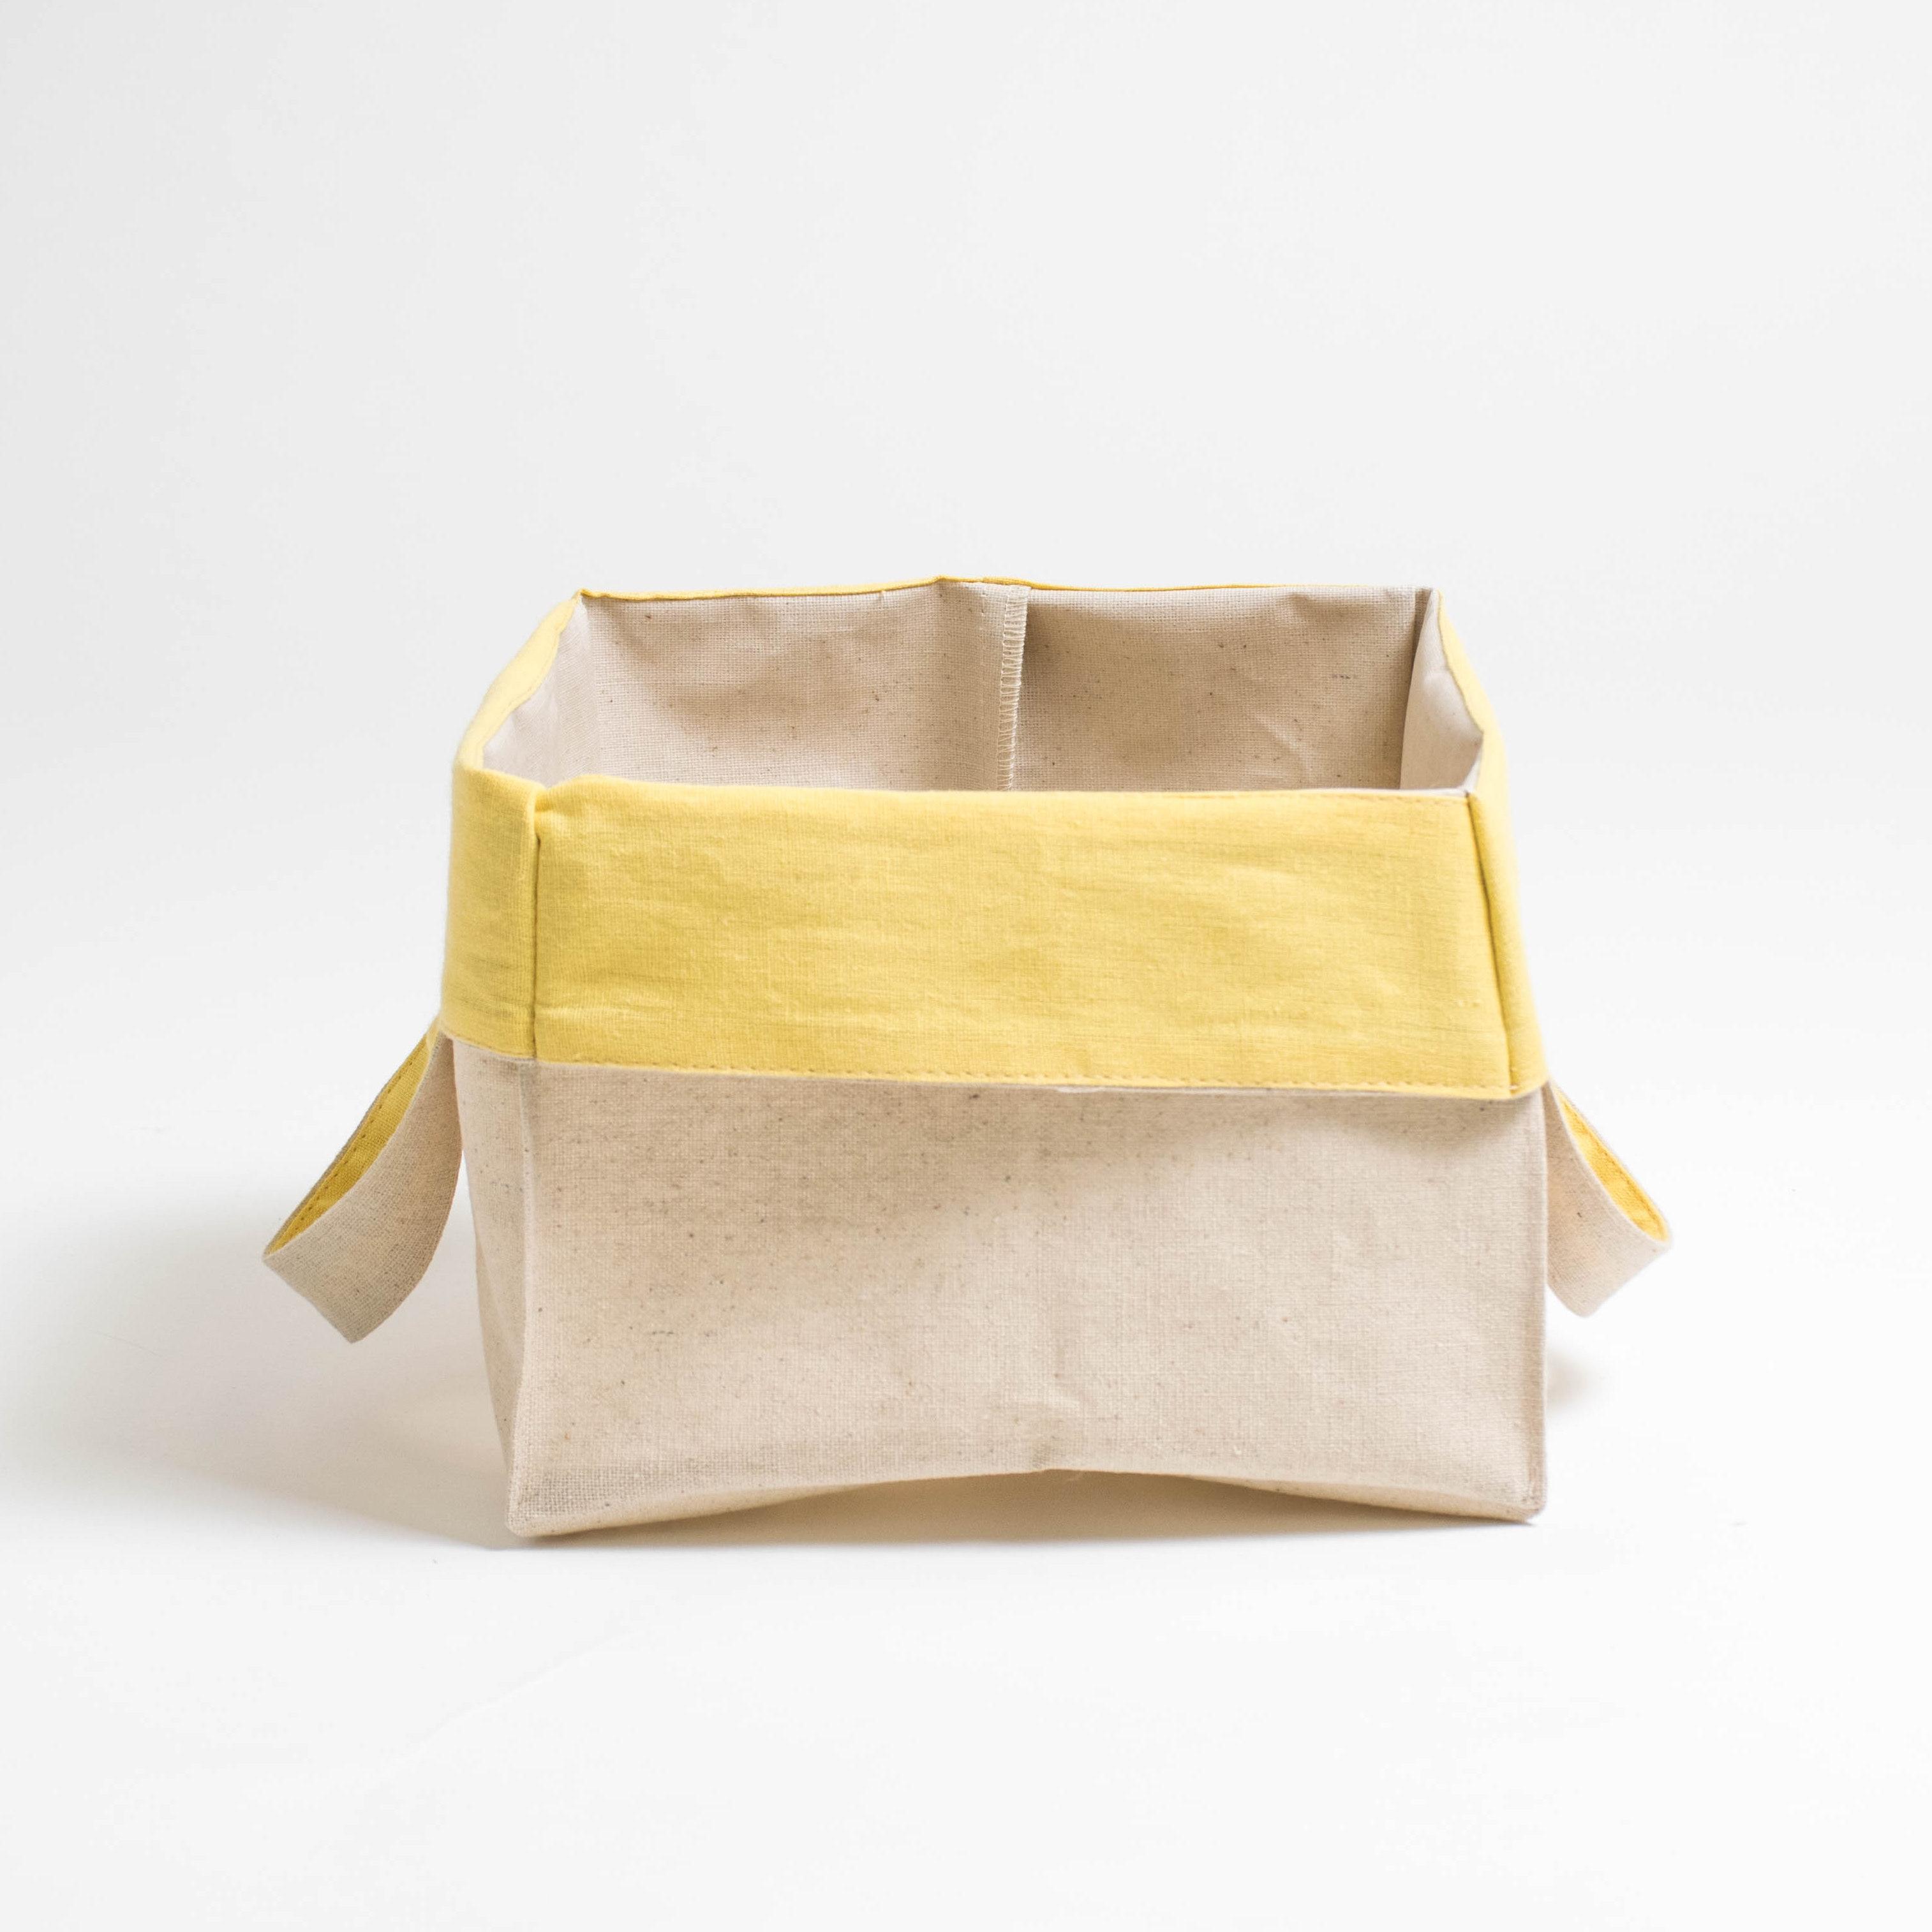 Короб с ручками ПровансАксессуары для кухни<br>Короб «Прованс» квадратный (малый), с жёлтым отворотом<br><br>Квадратный короб изо льна с внутренней ламинацией, безопасной для здоровья, это обязательный предмет для каждого дома!<br><br>Внешняя сторона короба из хлопкольна, внутренняя часть заламинирована. Благодаря этому, короб можно использовать в кухне, спальне и даже ванной комнате! Для того, чтобы фрукты и овощи не теряли свой аромат, их не следует убирать в холодильник. Сложите, например, яблоки в корзинку и поставьте на обеденный стол. Можете даже предварительно их вымыть, для того чтобы домочадцы кушали «живые витамины» прямо из корзинки.<br><br>Наши ламинированные корзинки не боятся влаги! Поэтому они пригодятся Вам и в ванной комнате. В них можно убрать косметику, мочалки и детские игрушки, с которыми малыш играет во время приёма ванной. Квадратные короба «Прованс» являются хорошими помощниками и для наведения порядка в шкафах — в них можно сложить носочки, детские игрушки, нитки для вязание и многое другое.<br><br>Короба «Прованс» этот товар, который можно приобретать впрок, поскольку они складываются в плоский квадрат и практически не занимают места при хранении в шкафах!&amp;amp;nbsp;<br><br>Material: Хлопок<br>Width см: 22<br>Depth см: 22<br>Height см: 22